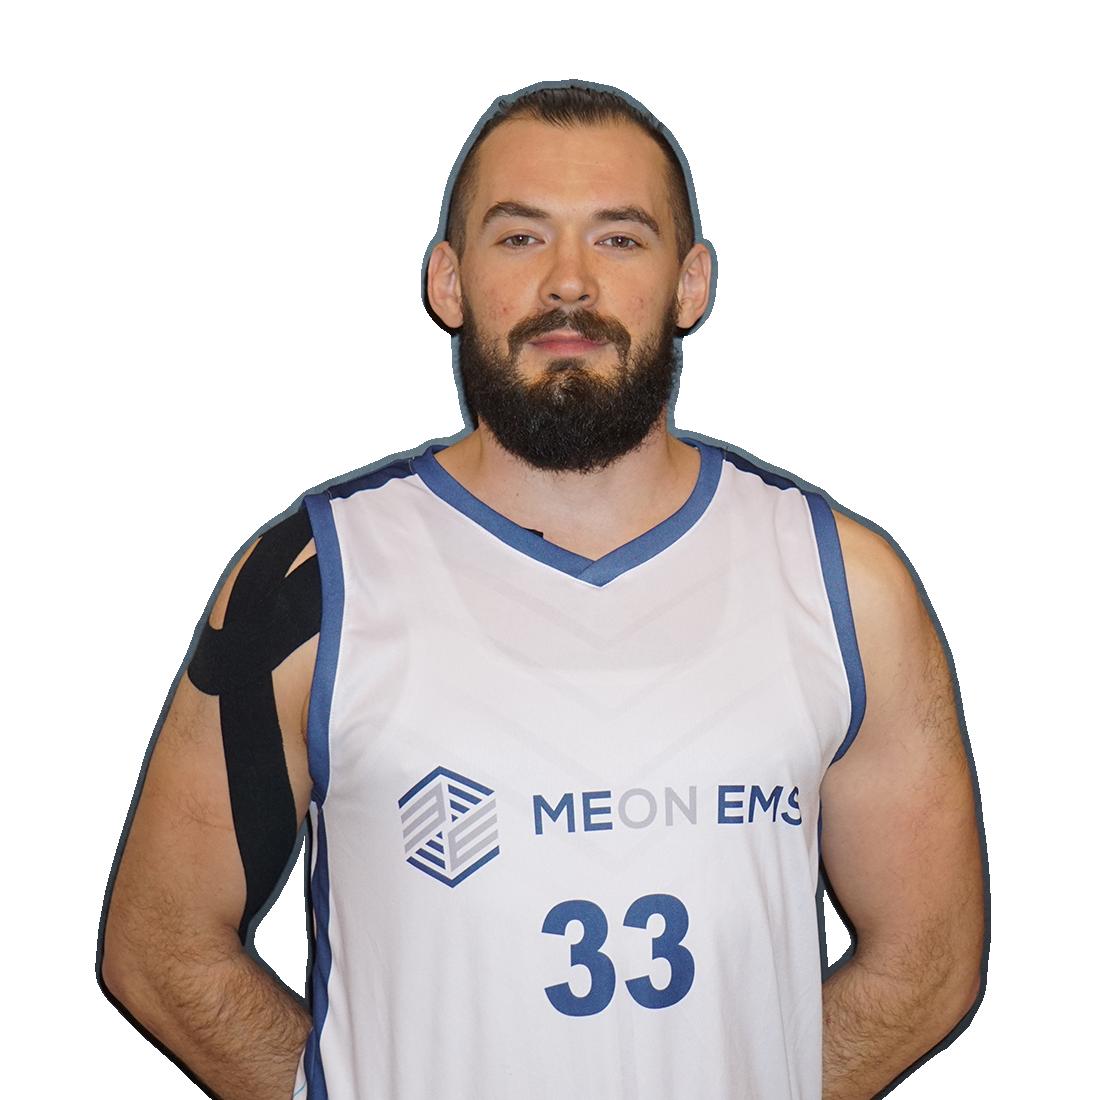 Mateusz Ewiak